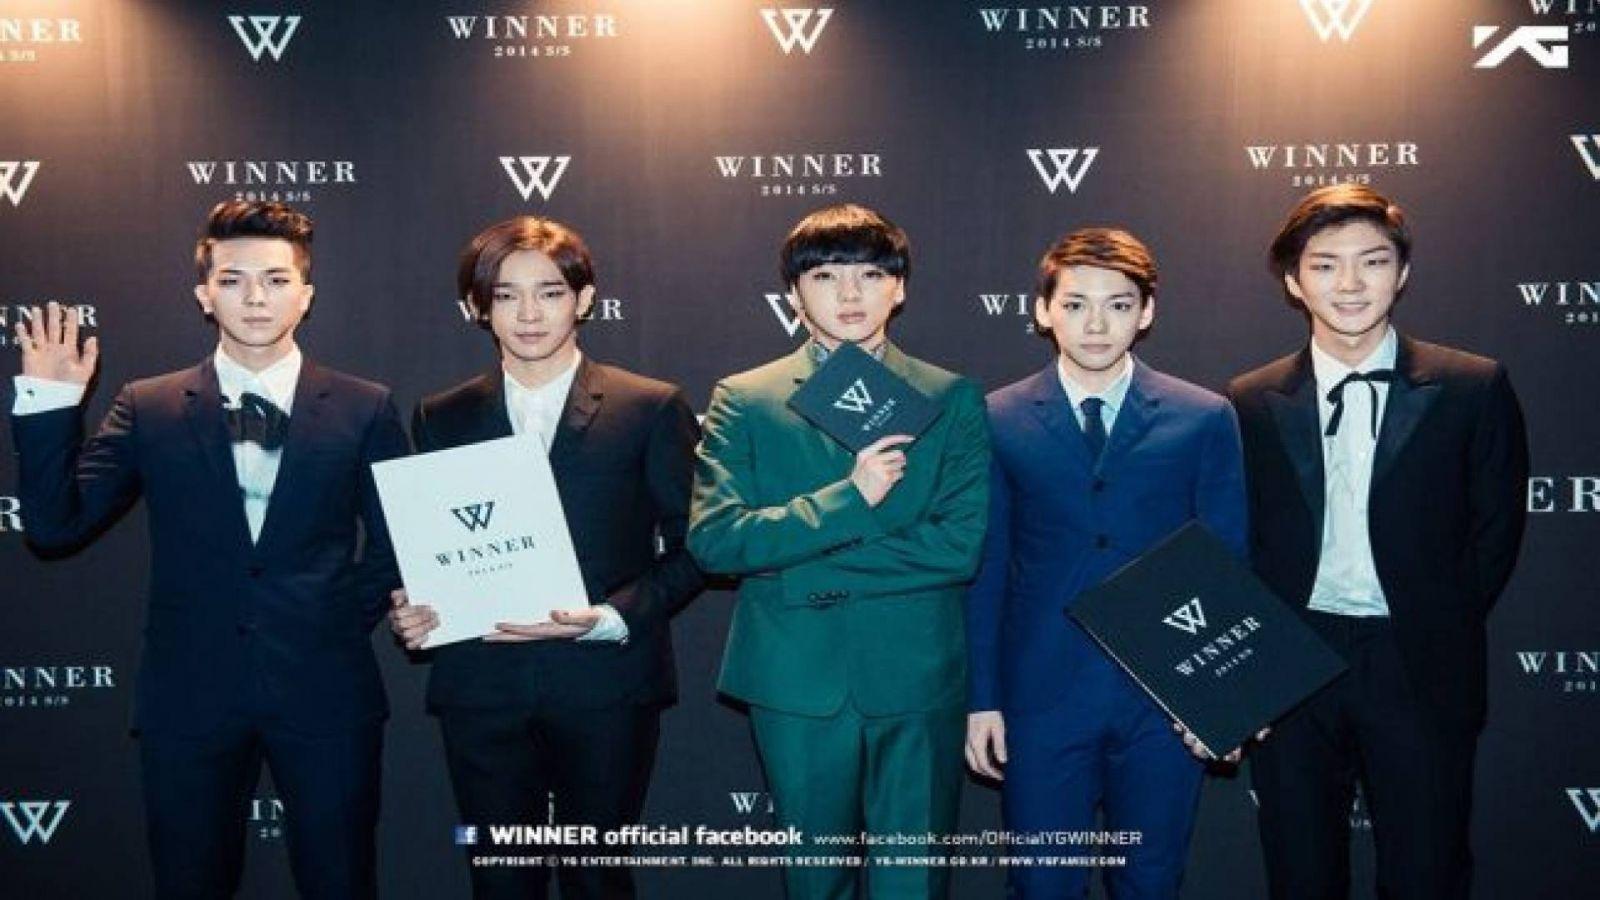 WINNER's Grand Launch © WINNER Official Facebook